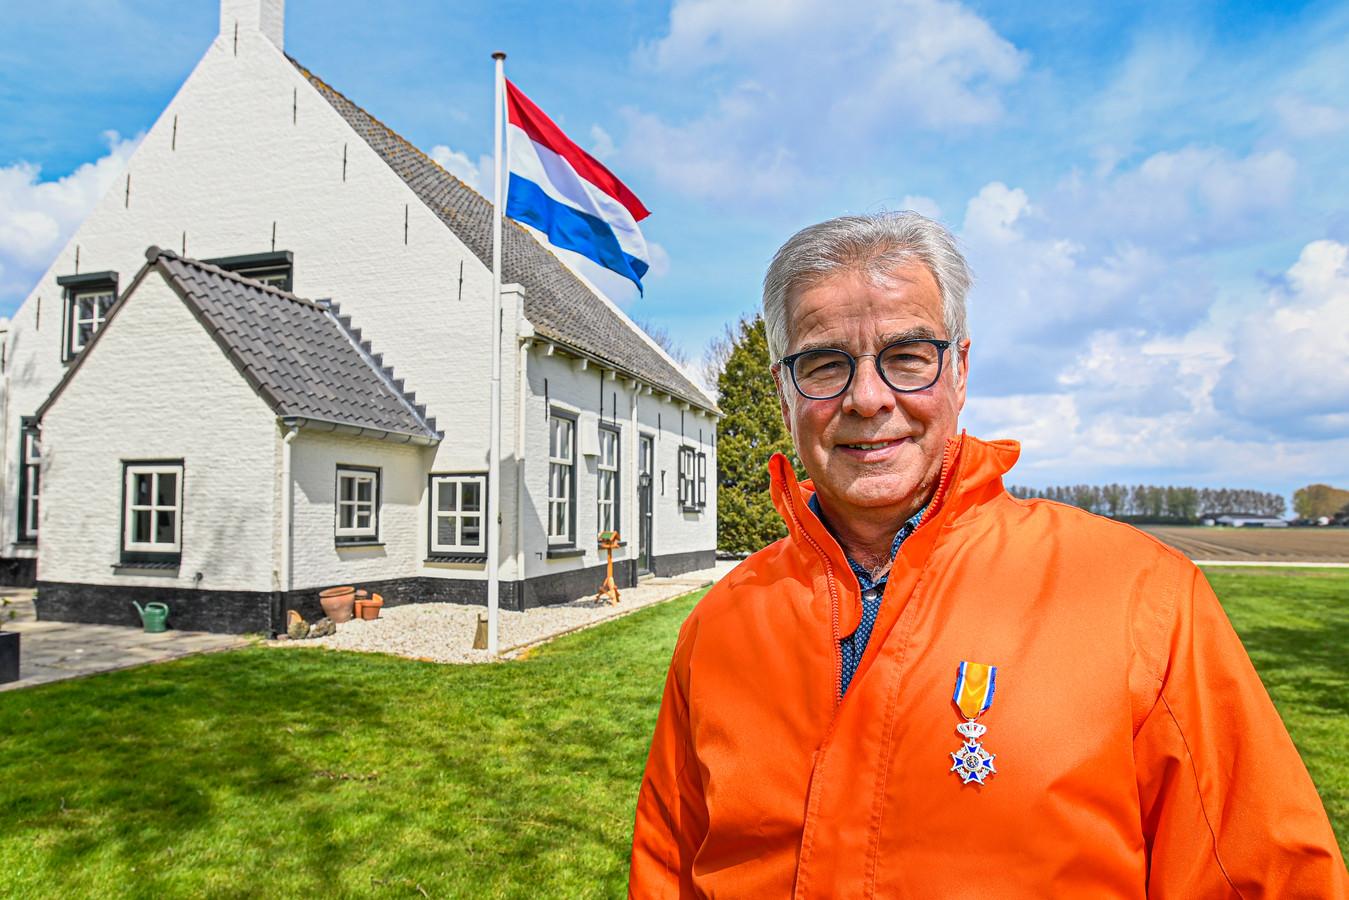 Simon de Feijter heeft dit jaar een lintje gekregen. Hij doet veel voor de Oranjevereniging Dinteloord.